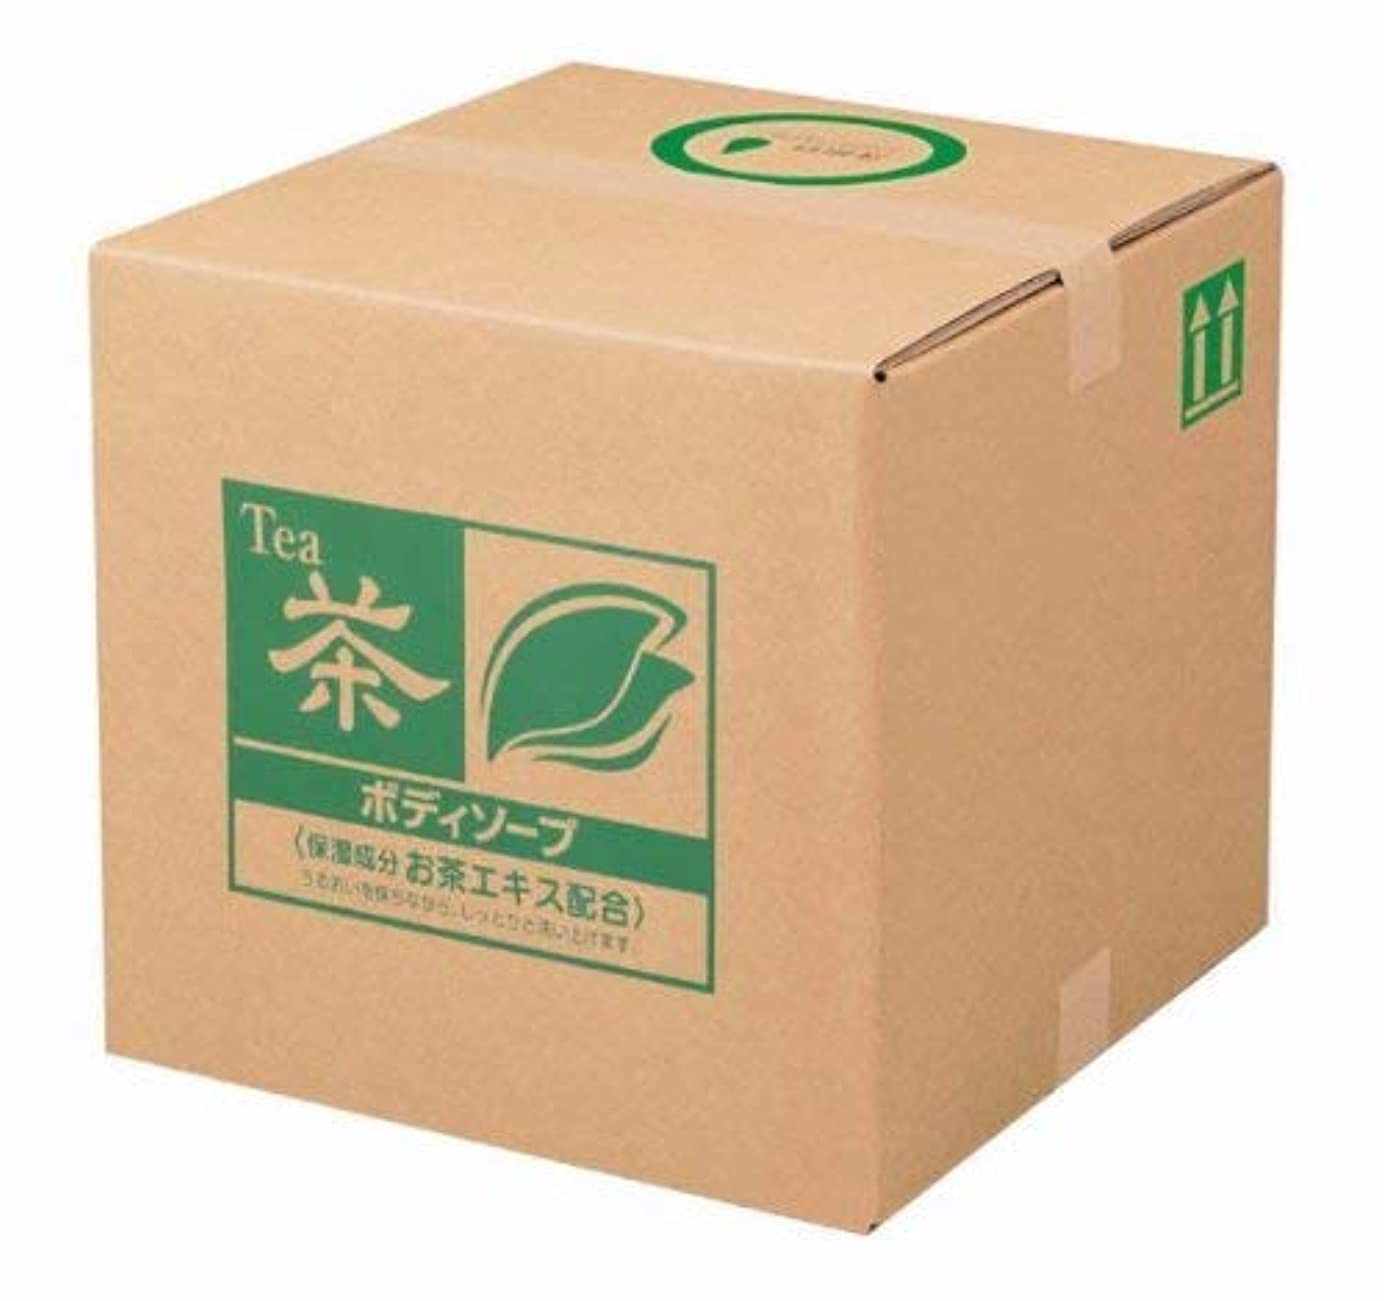 メロディー文明化スツール業務用 SCRITT(スクリット) お茶 ボディソープ 18L 熊野油脂 (コック付き)